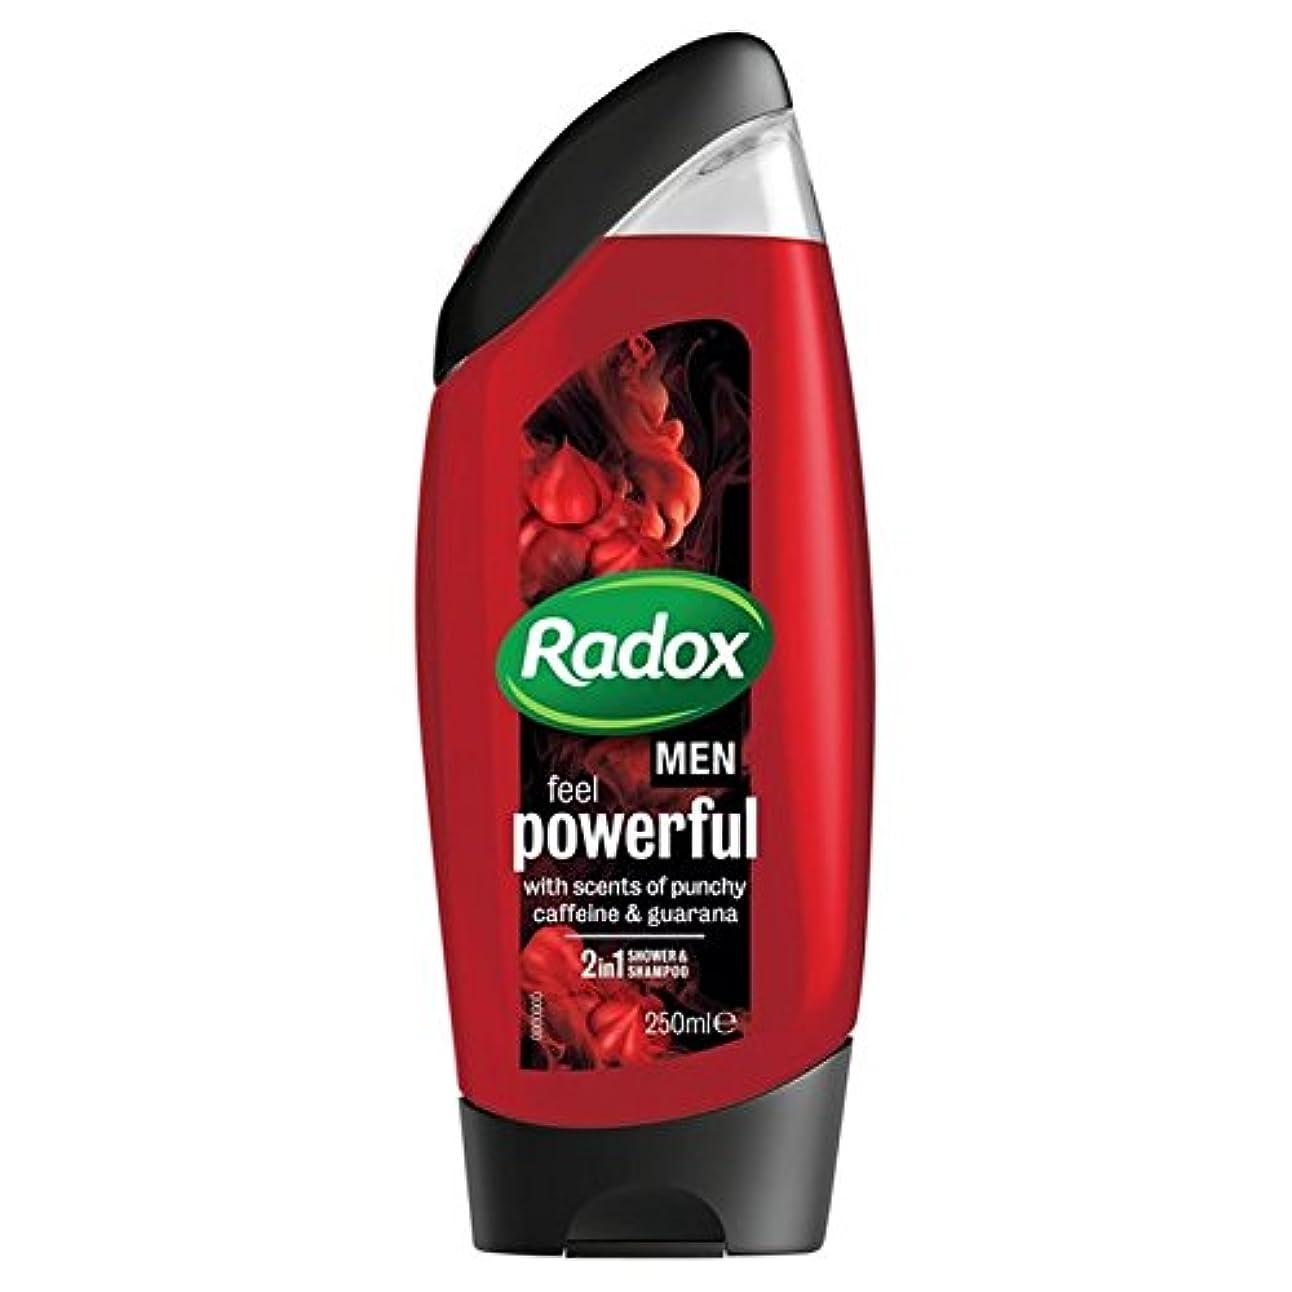 法律テーマ数男性は、強力なシャワージェル250ミリリットルを感じるため x2 - Radox for Men Feel Powerful Shower Gel 250ml (Pack of 2) [並行輸入品]